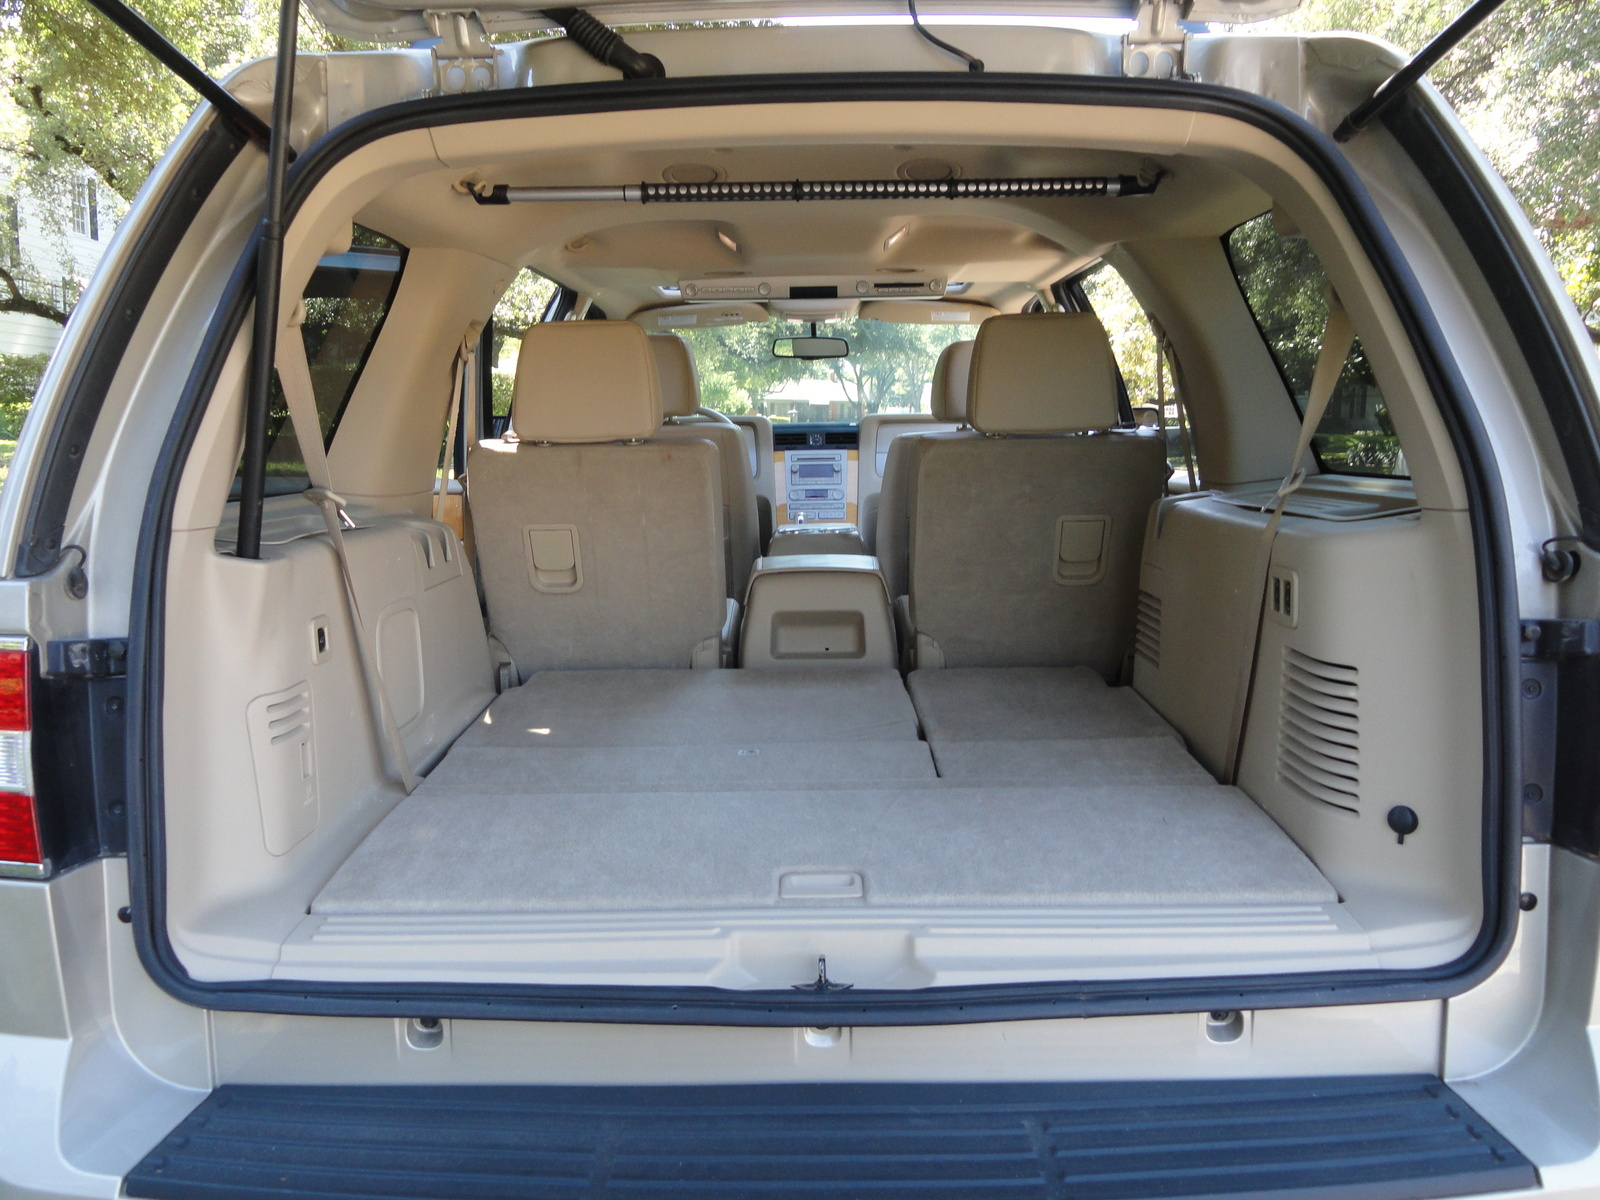 2007 Lincoln Navigator Interior Pictures Cargurus